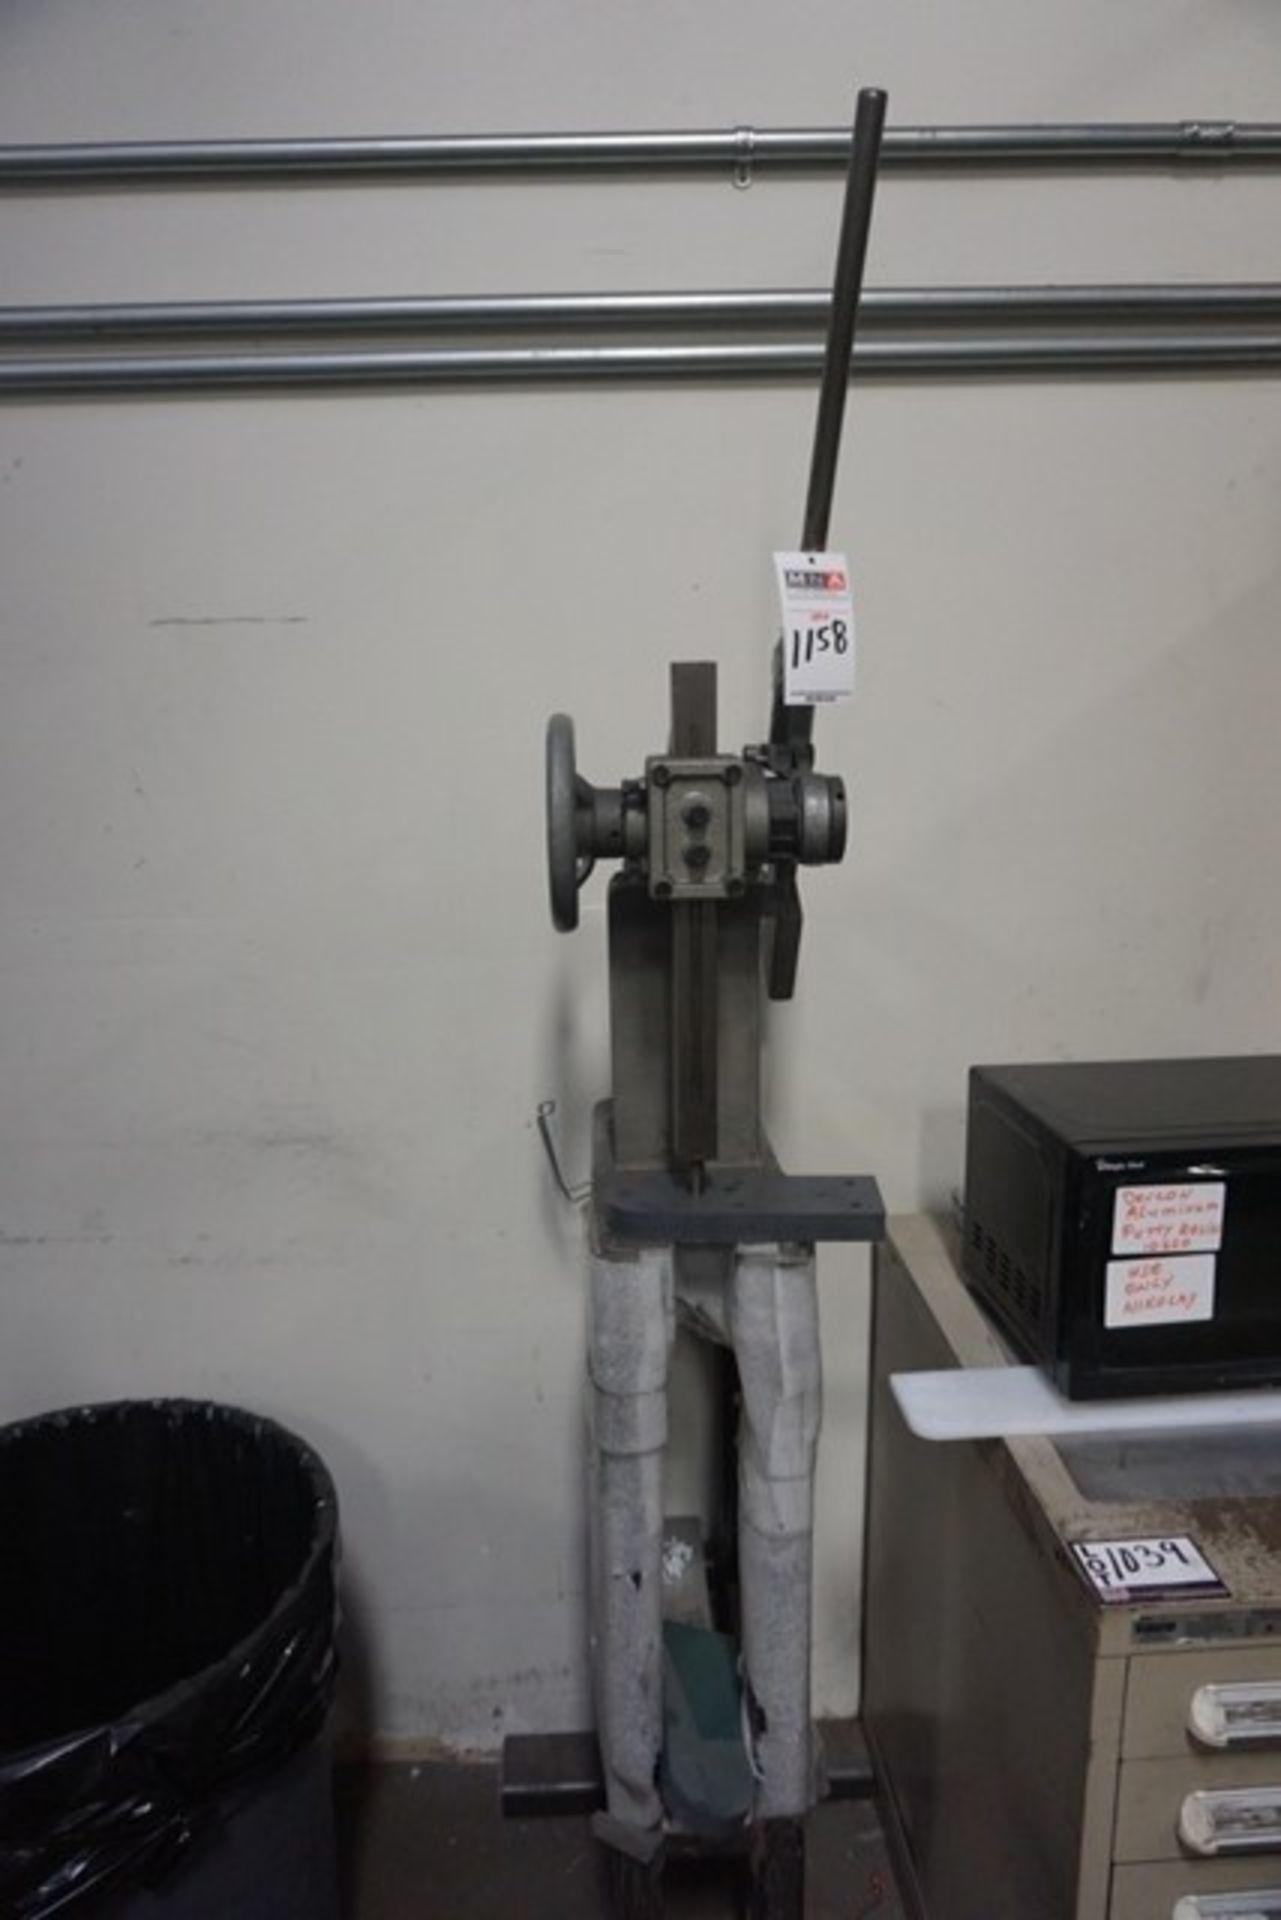 Lot 1158 - Arbor Press